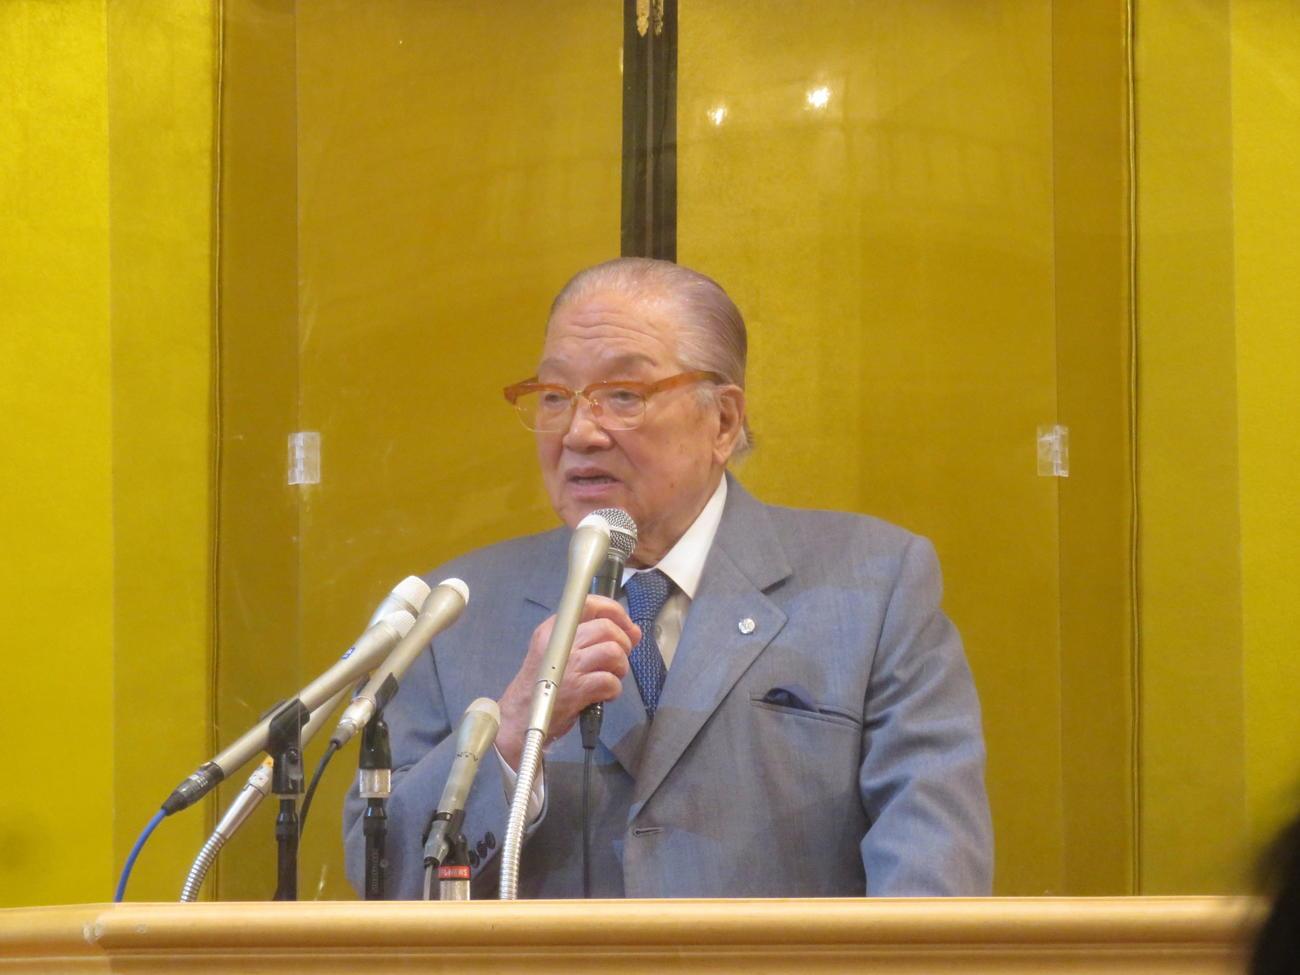 """10カ月ぶりに公の場に姿を見せた""""ハマのドン""""藤木幸夫横浜港ハーバーリゾート協会会長。「自民党全員アウトです。私が落とします」とほえた"""